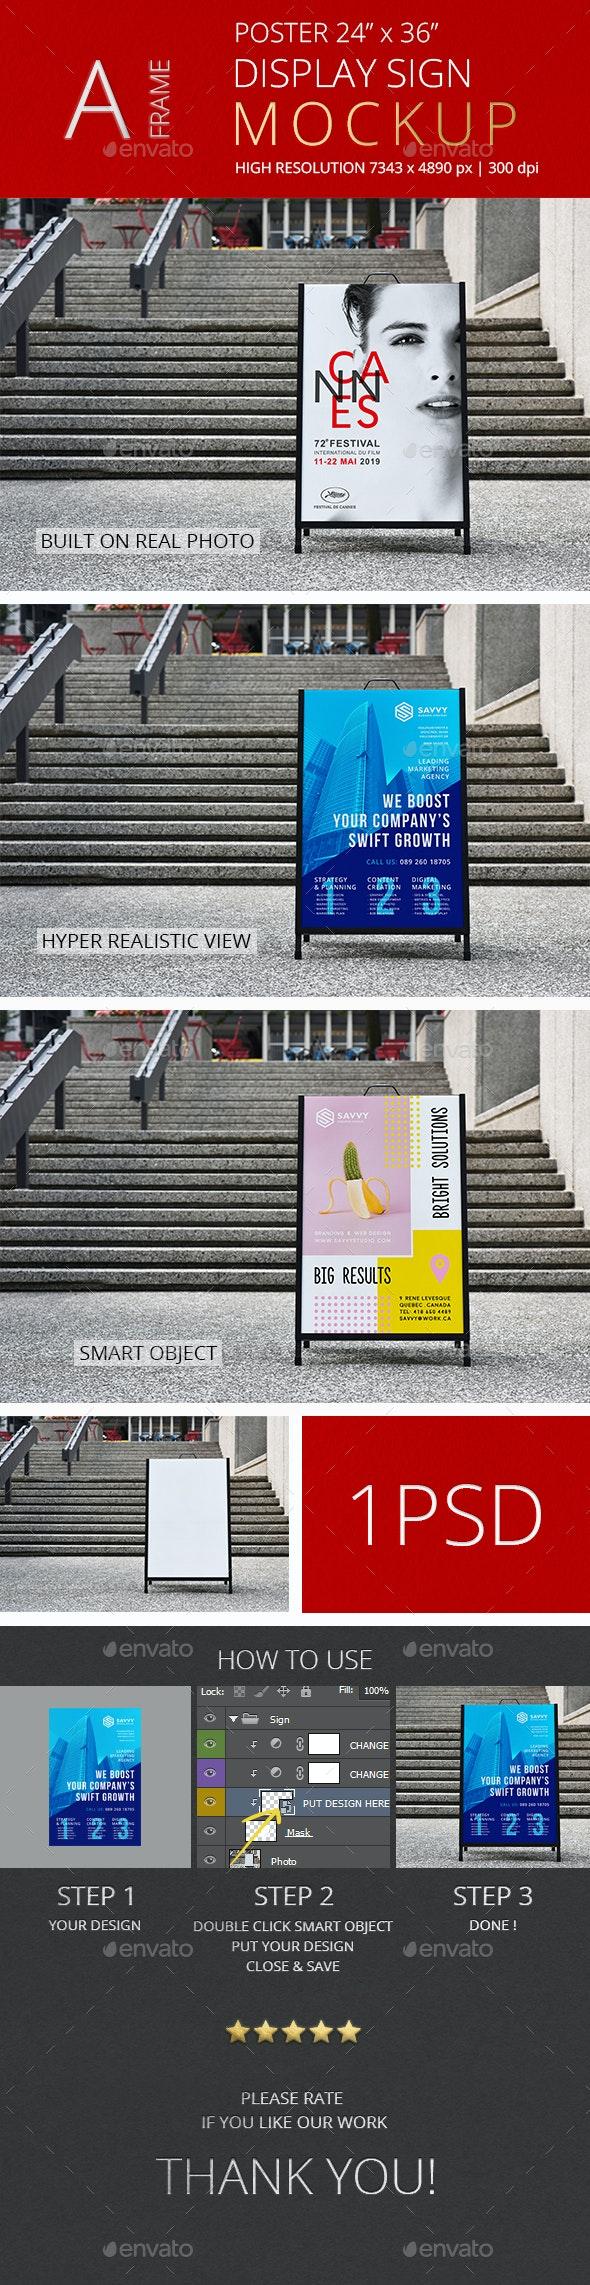 A-Frame Poster Display Sign Mockup/ Vol 1.0 - Signage Print